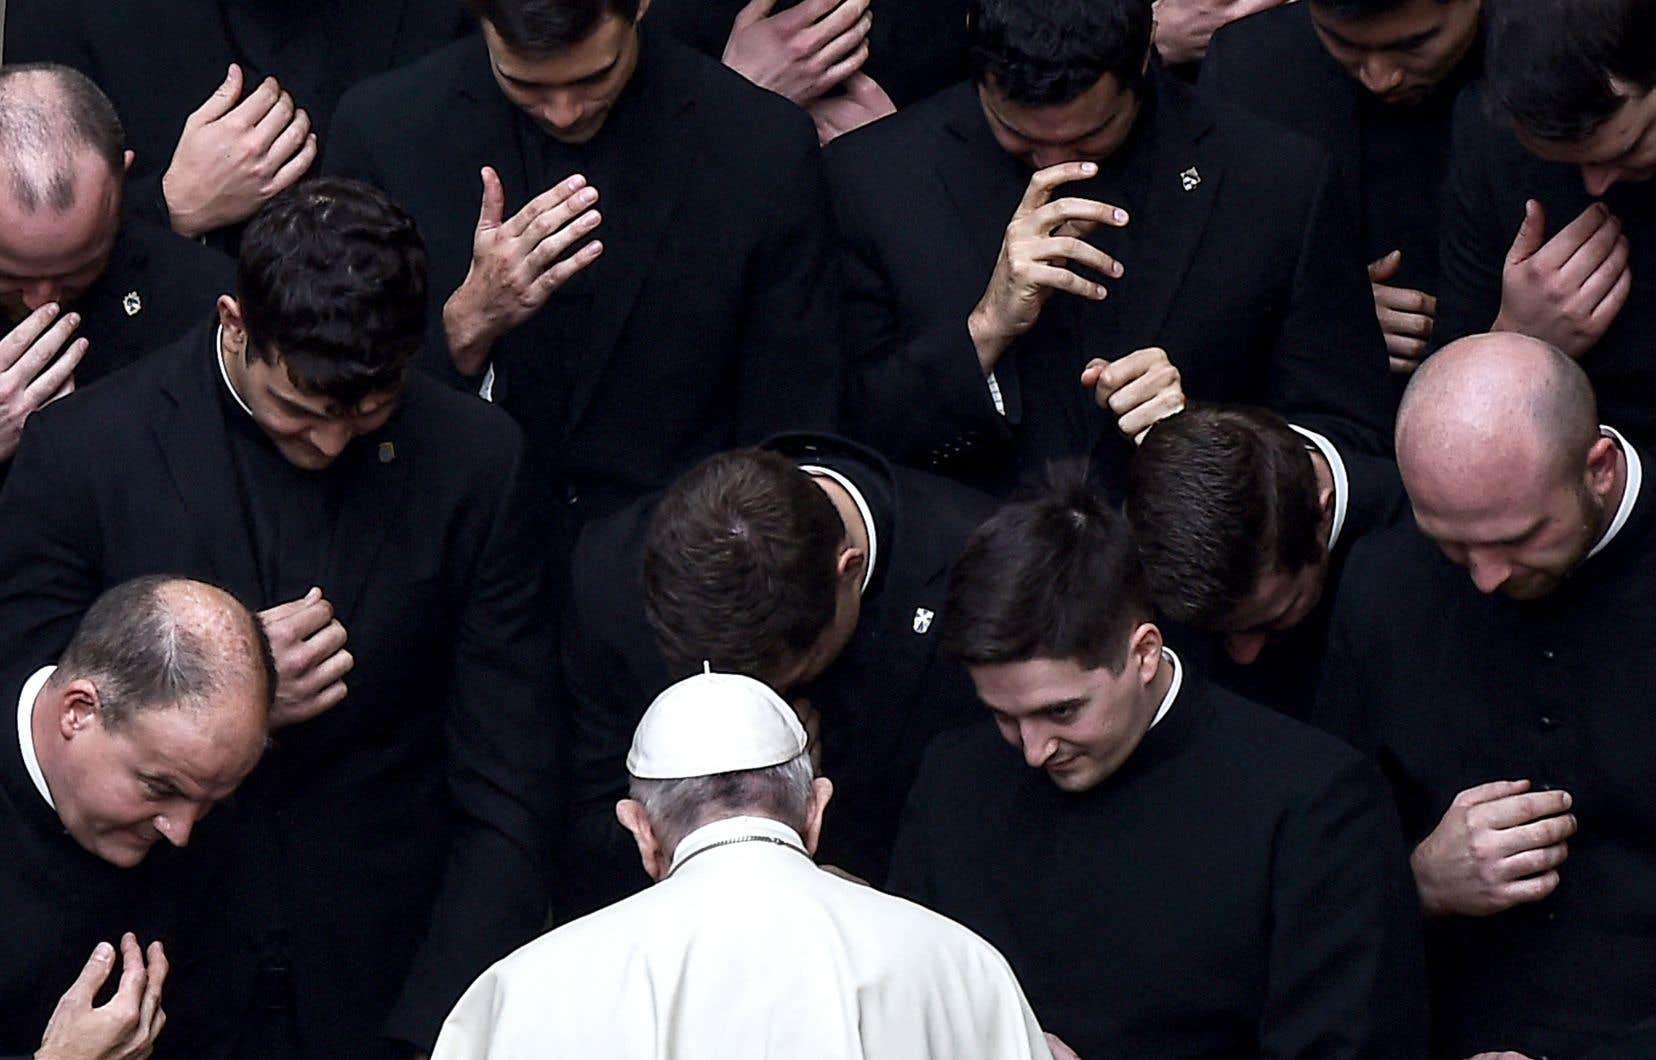 En 2019, le pape a rendu obligatoire le signalement à la hiérarchie de l'Église de tout soupçon d'agression sexuelle ou de harcèlement.